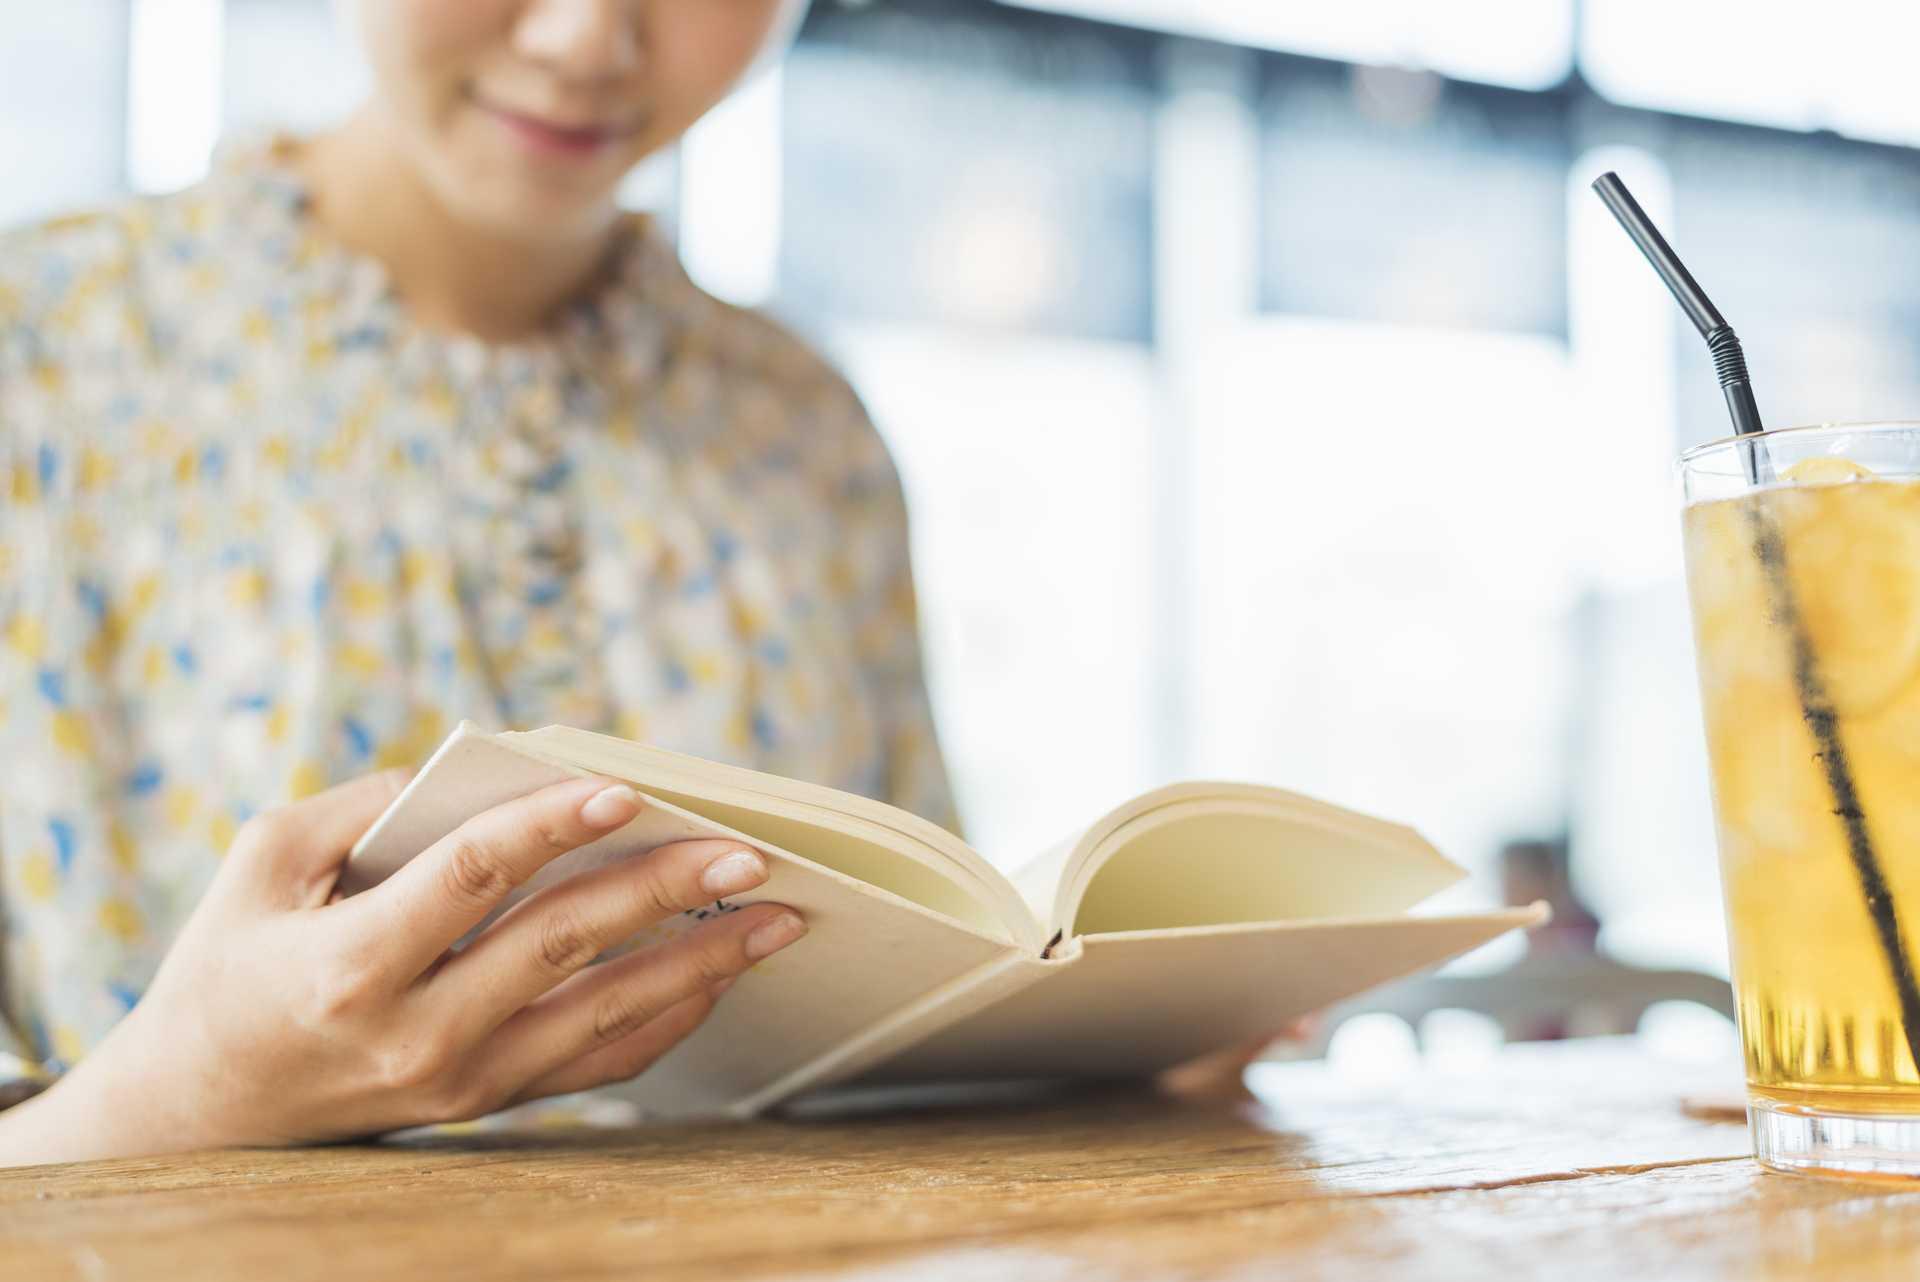 完璧を求めると、読書が間違い探しになってしまう。 | のんびり気楽に生きる30の心の習慣